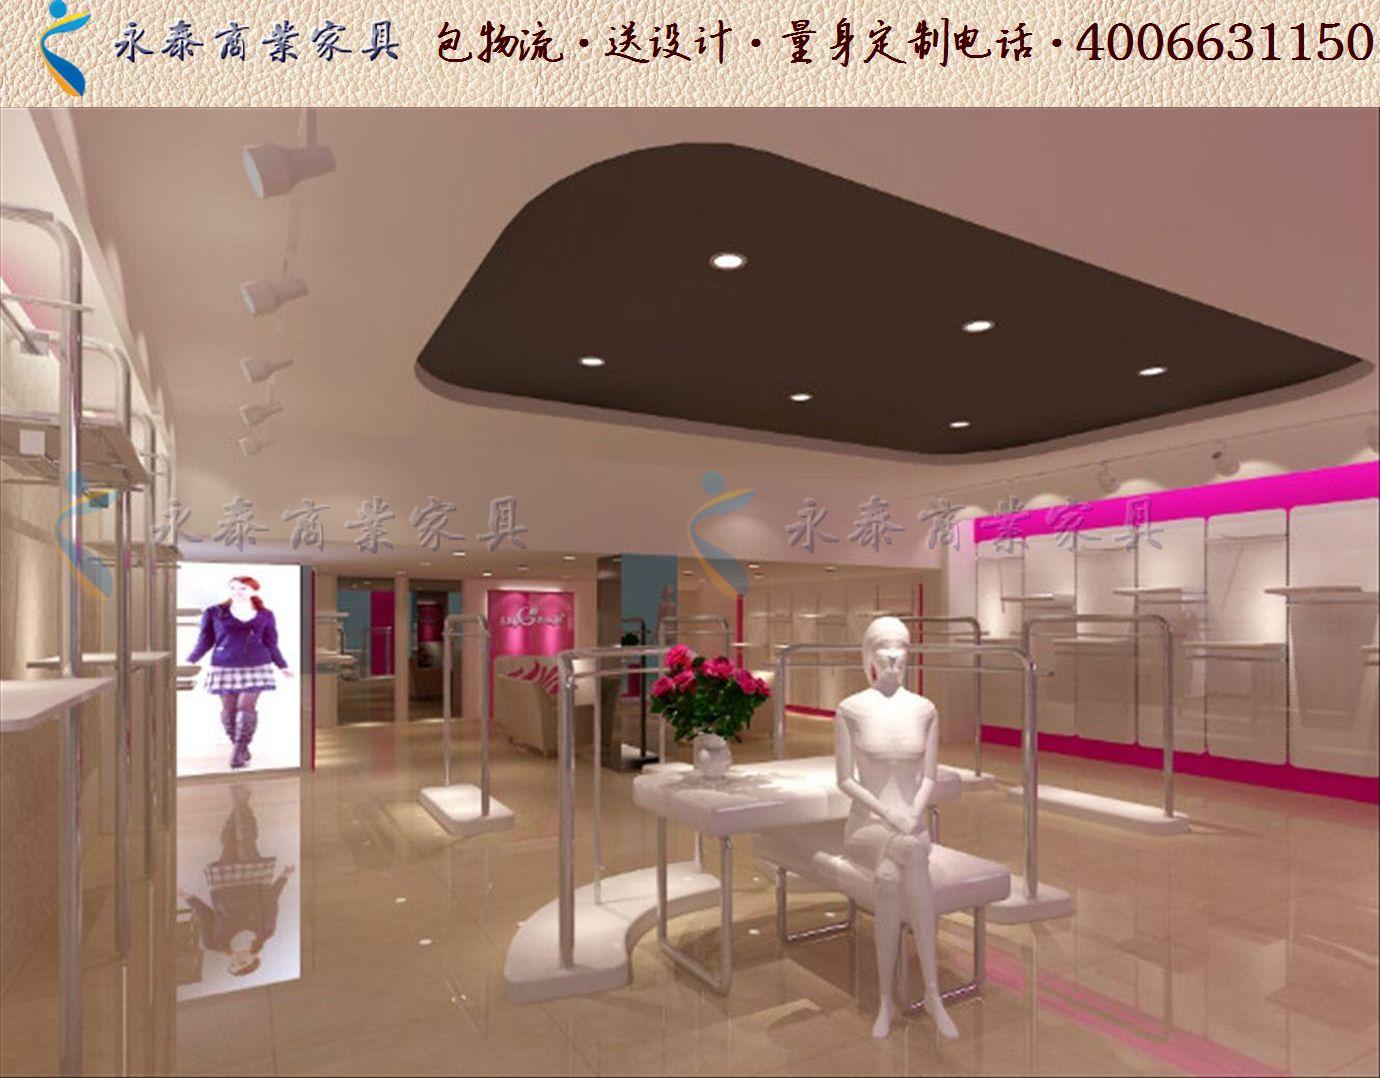 创意服装店装修货架风格个性服装店装修效果图大全1210